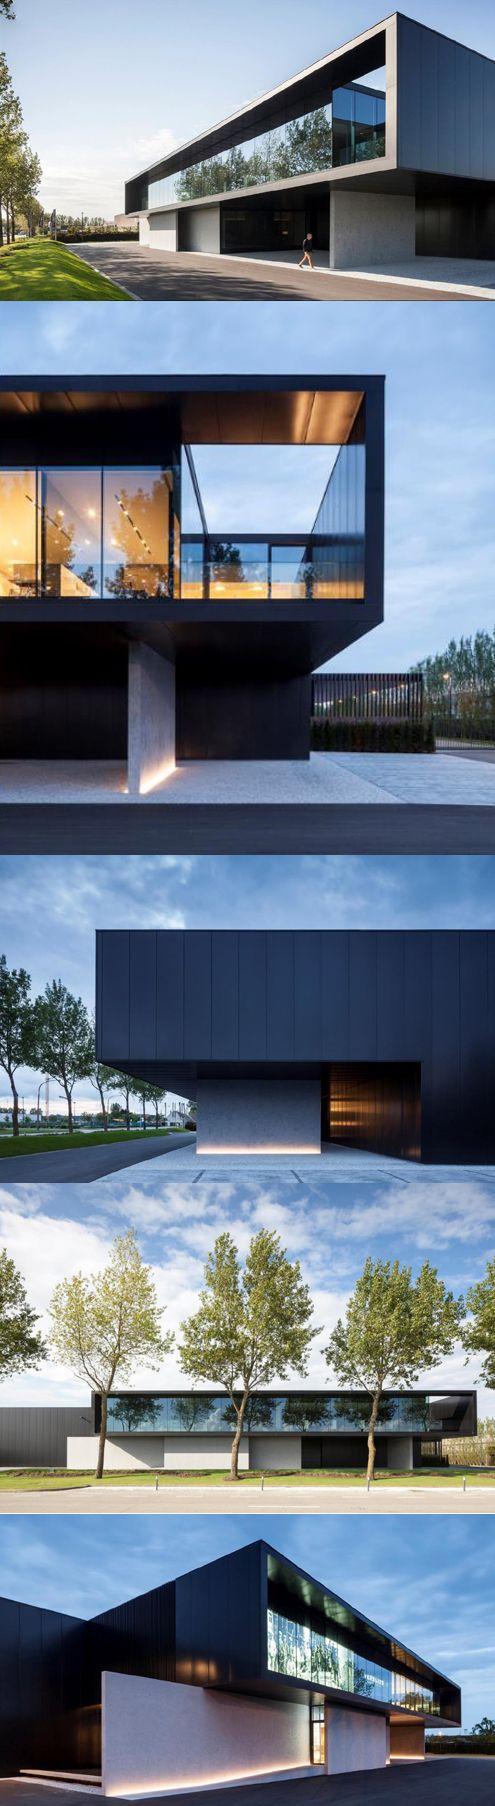 Versluys / Govaert & Vanhoutte Architects   Architektur, Moderne ...